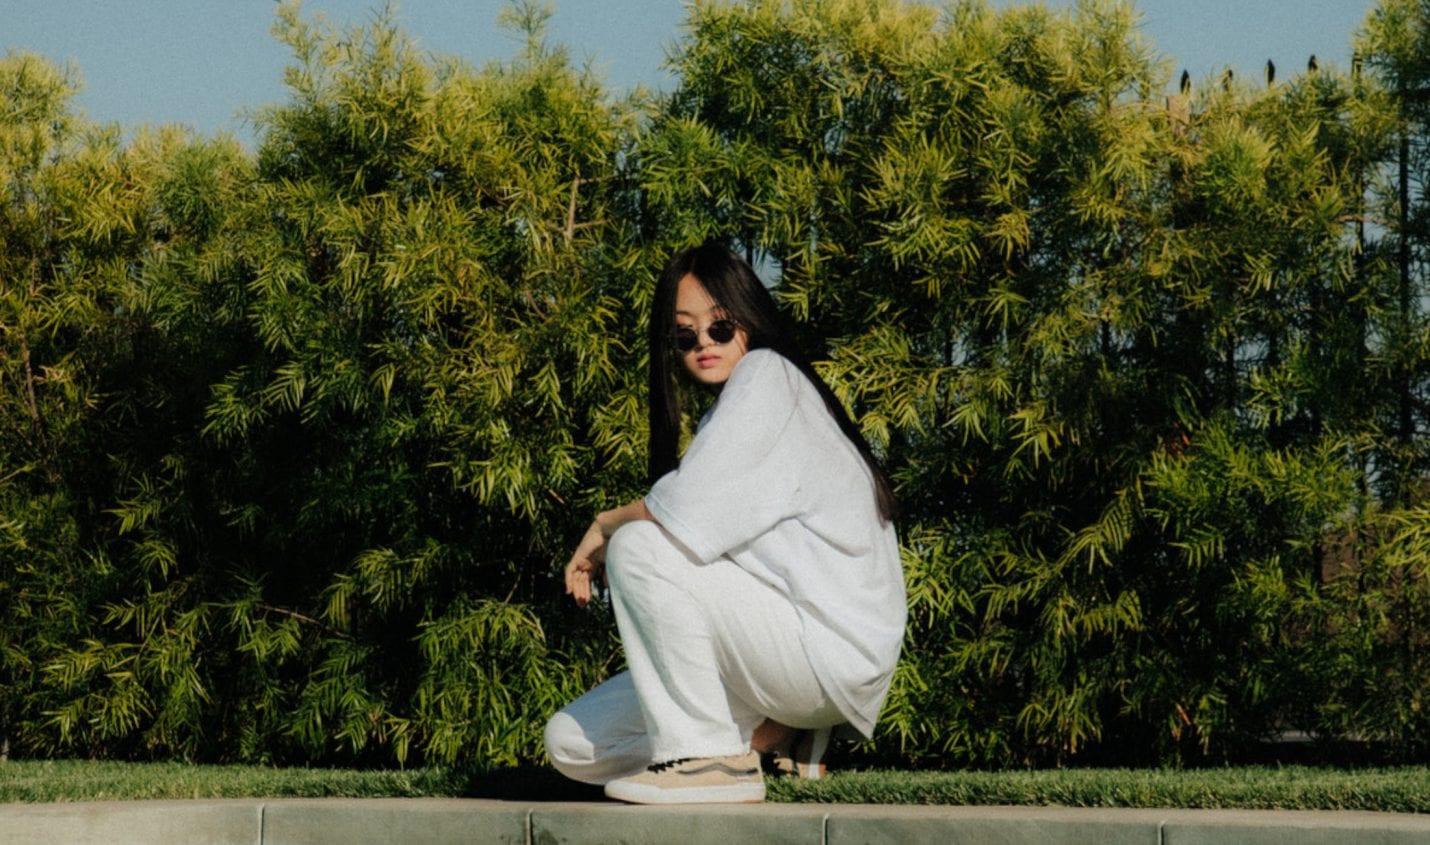 박혜진 Park Hye Jin: Debütalbum 'Before I Die' auf Ninja Tune angekündigt